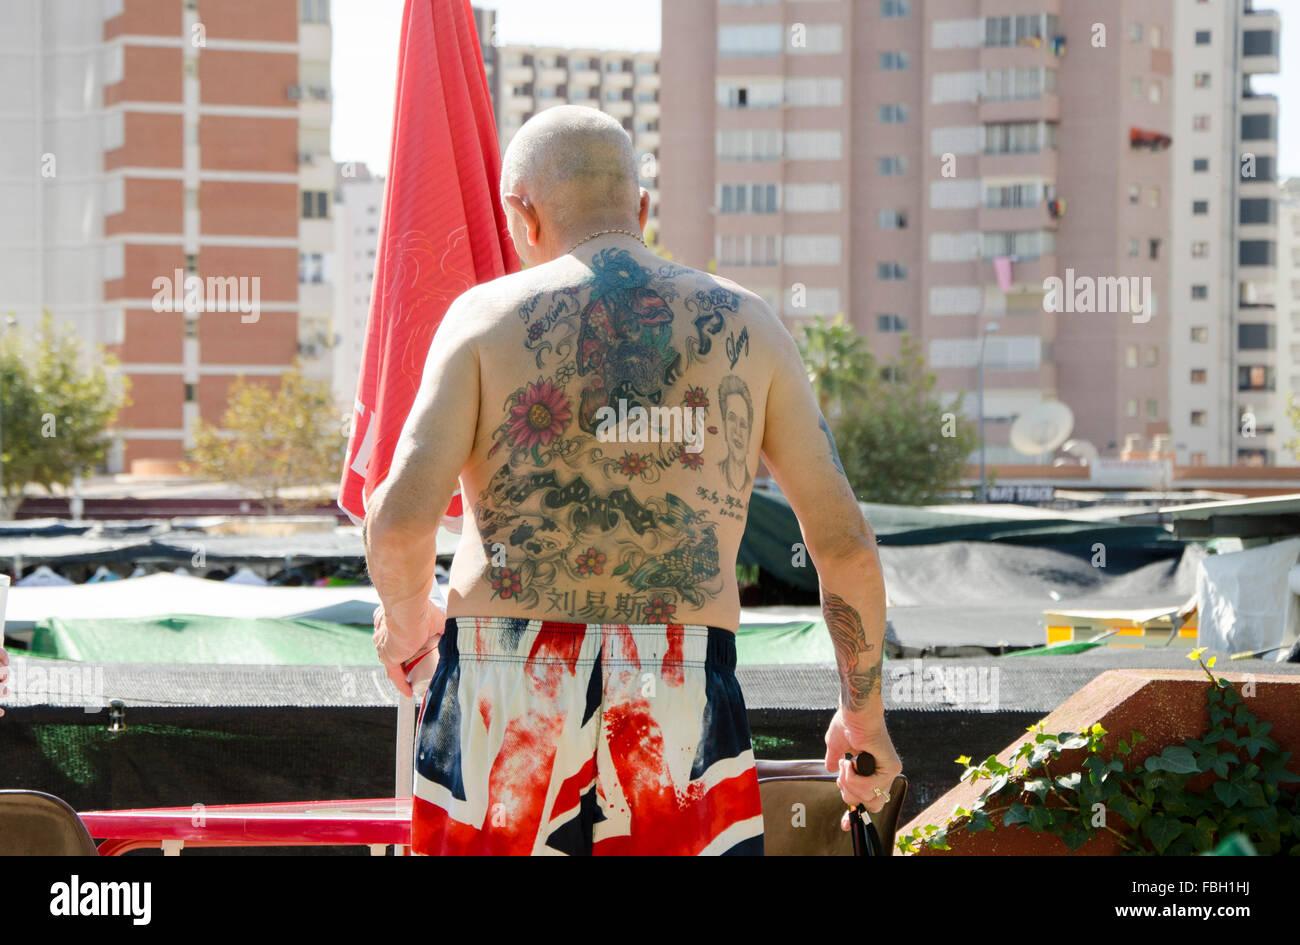 Kurzen Britischer Tätowierten Oberkörper Tourist In Entblößte Seinen USpzMV